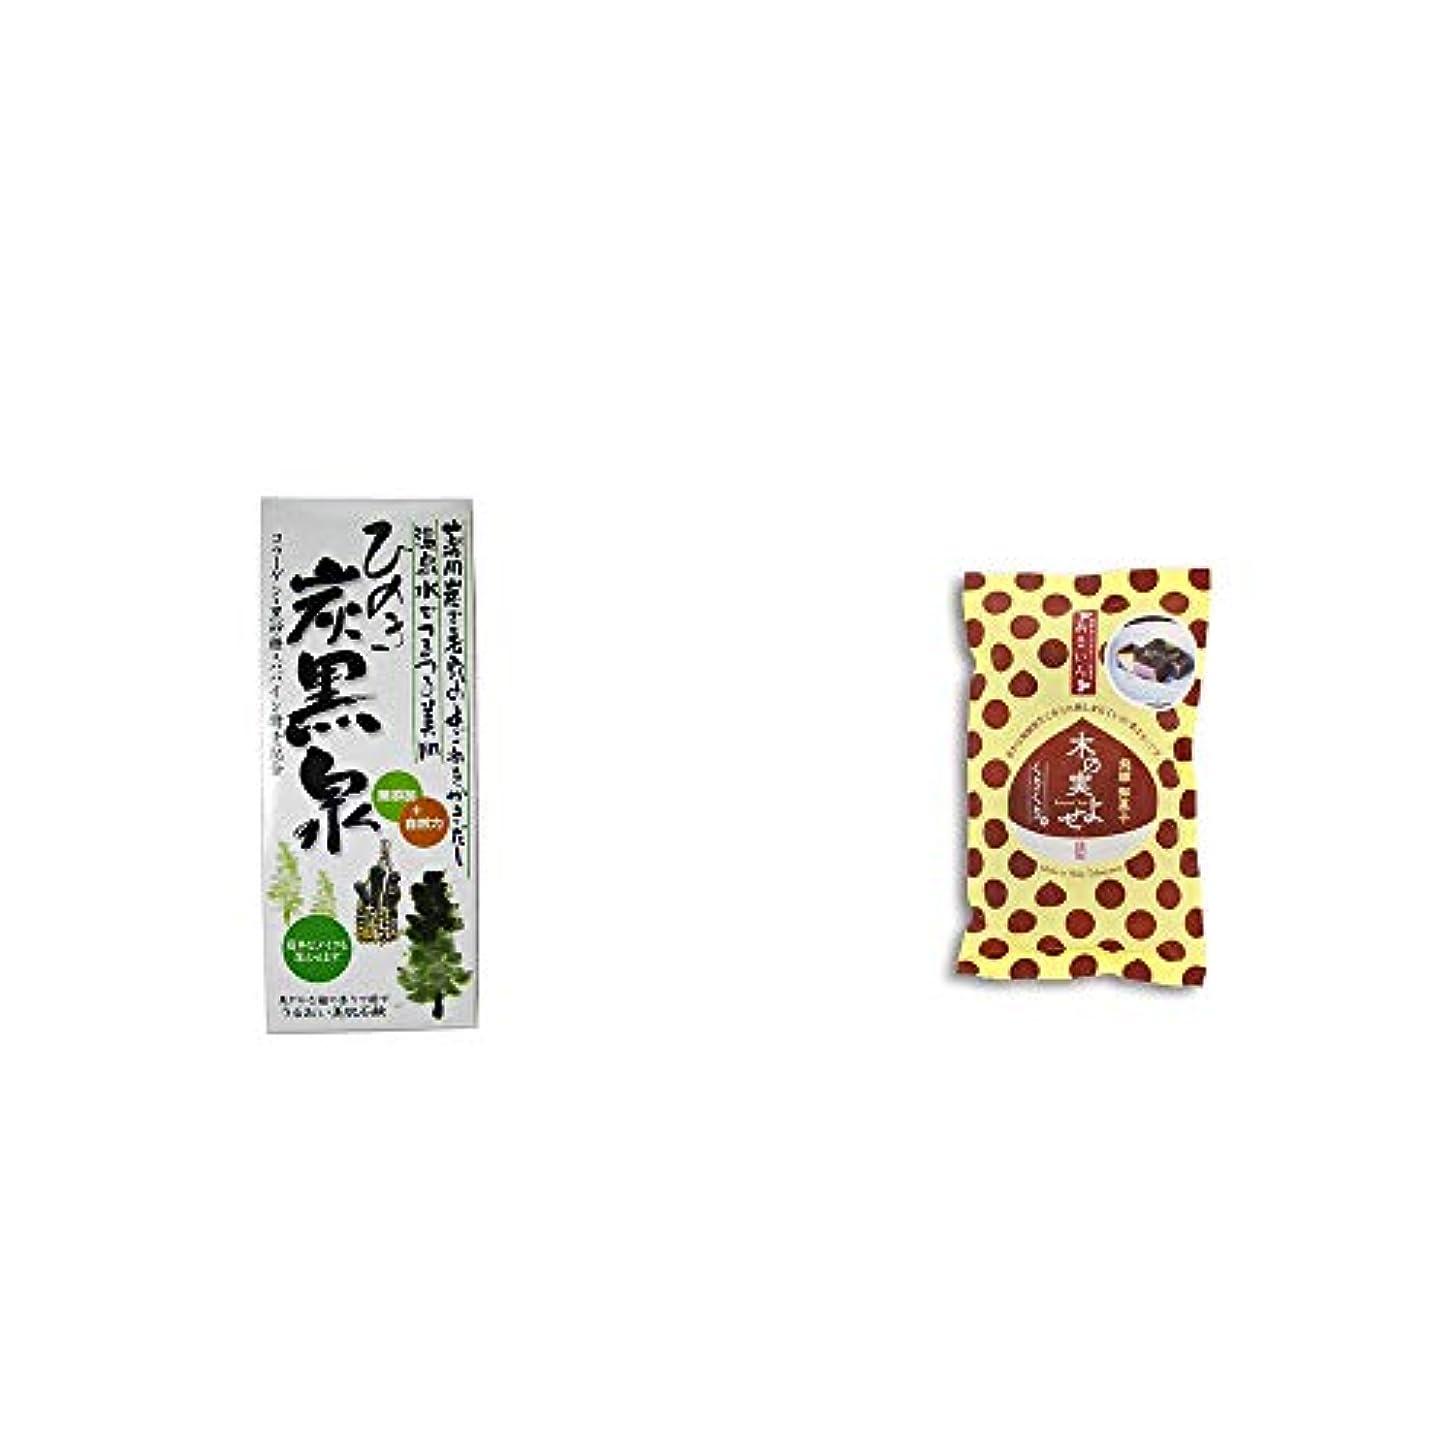 要塞適格ログ[2点セット] ひのき炭黒泉 箱入り(75g×3)?木の実よせ くりくり味(5個入)